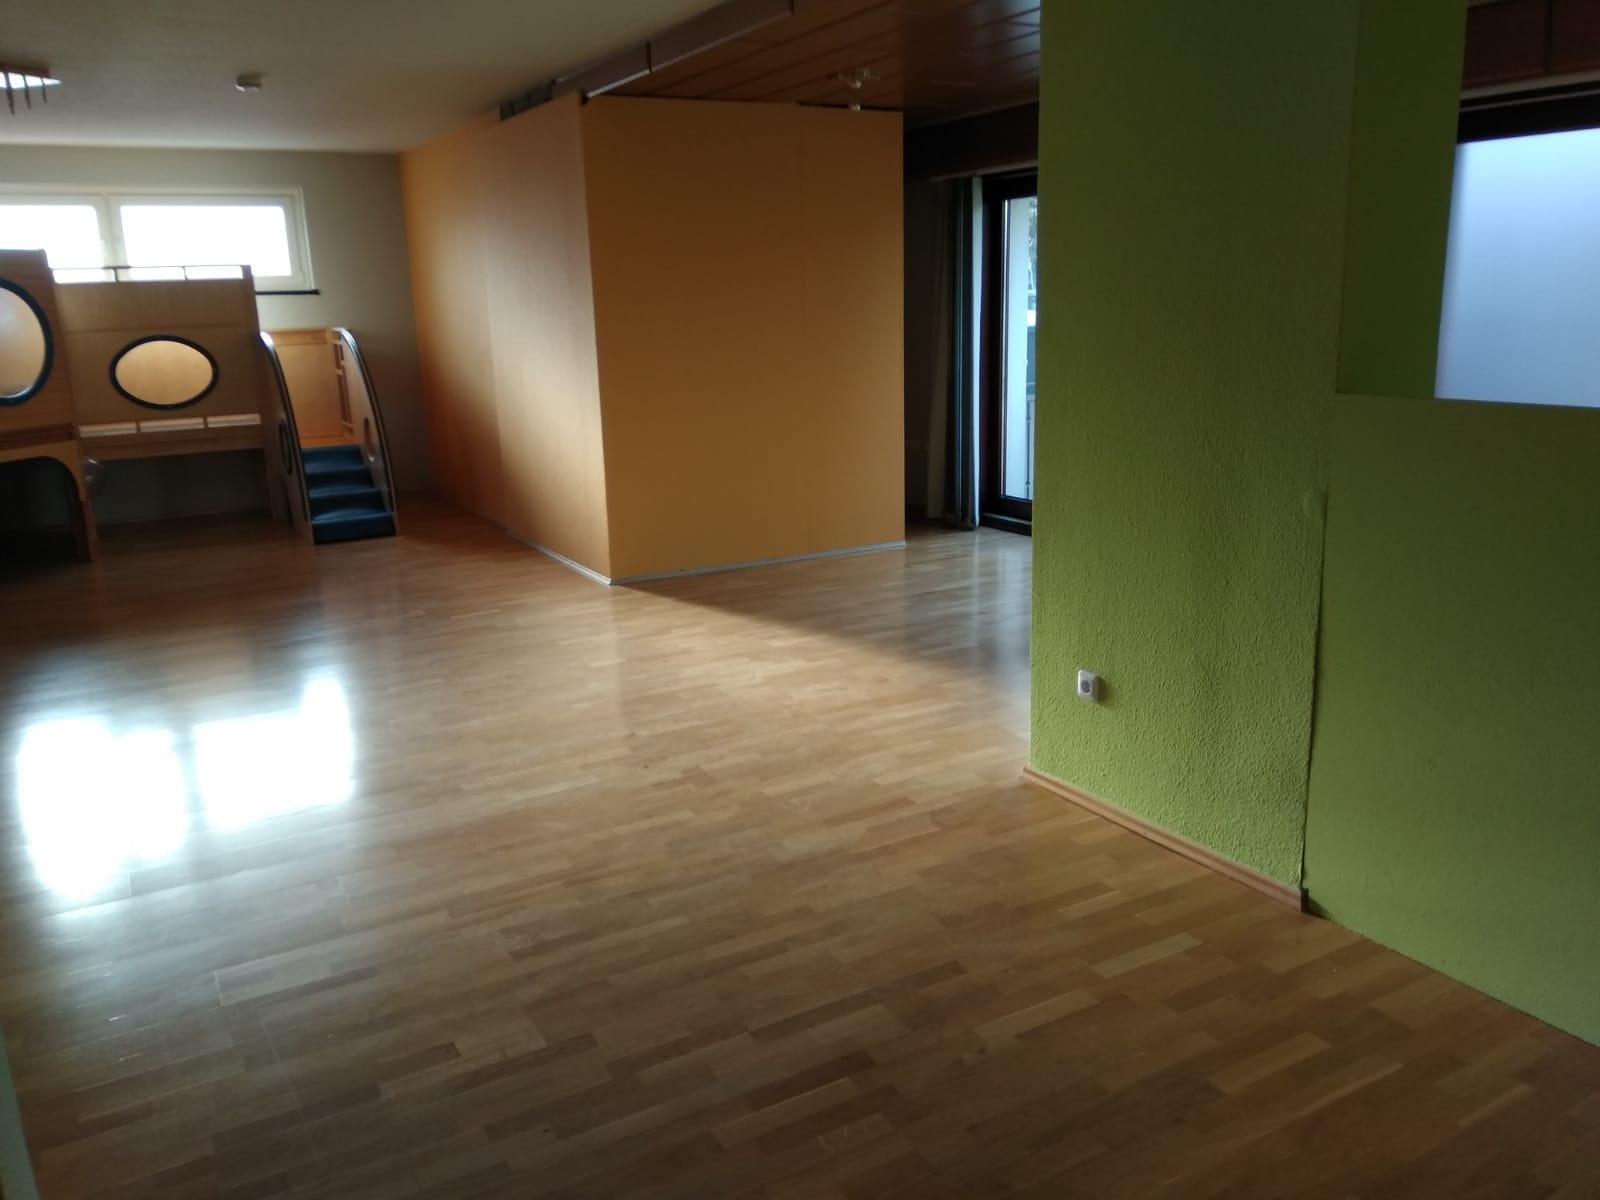 Heller freundlicher Raum zum spielen und toben Kindertagesstätte (Kita) die Krümelmonster aus Neustadt am Rübenberge